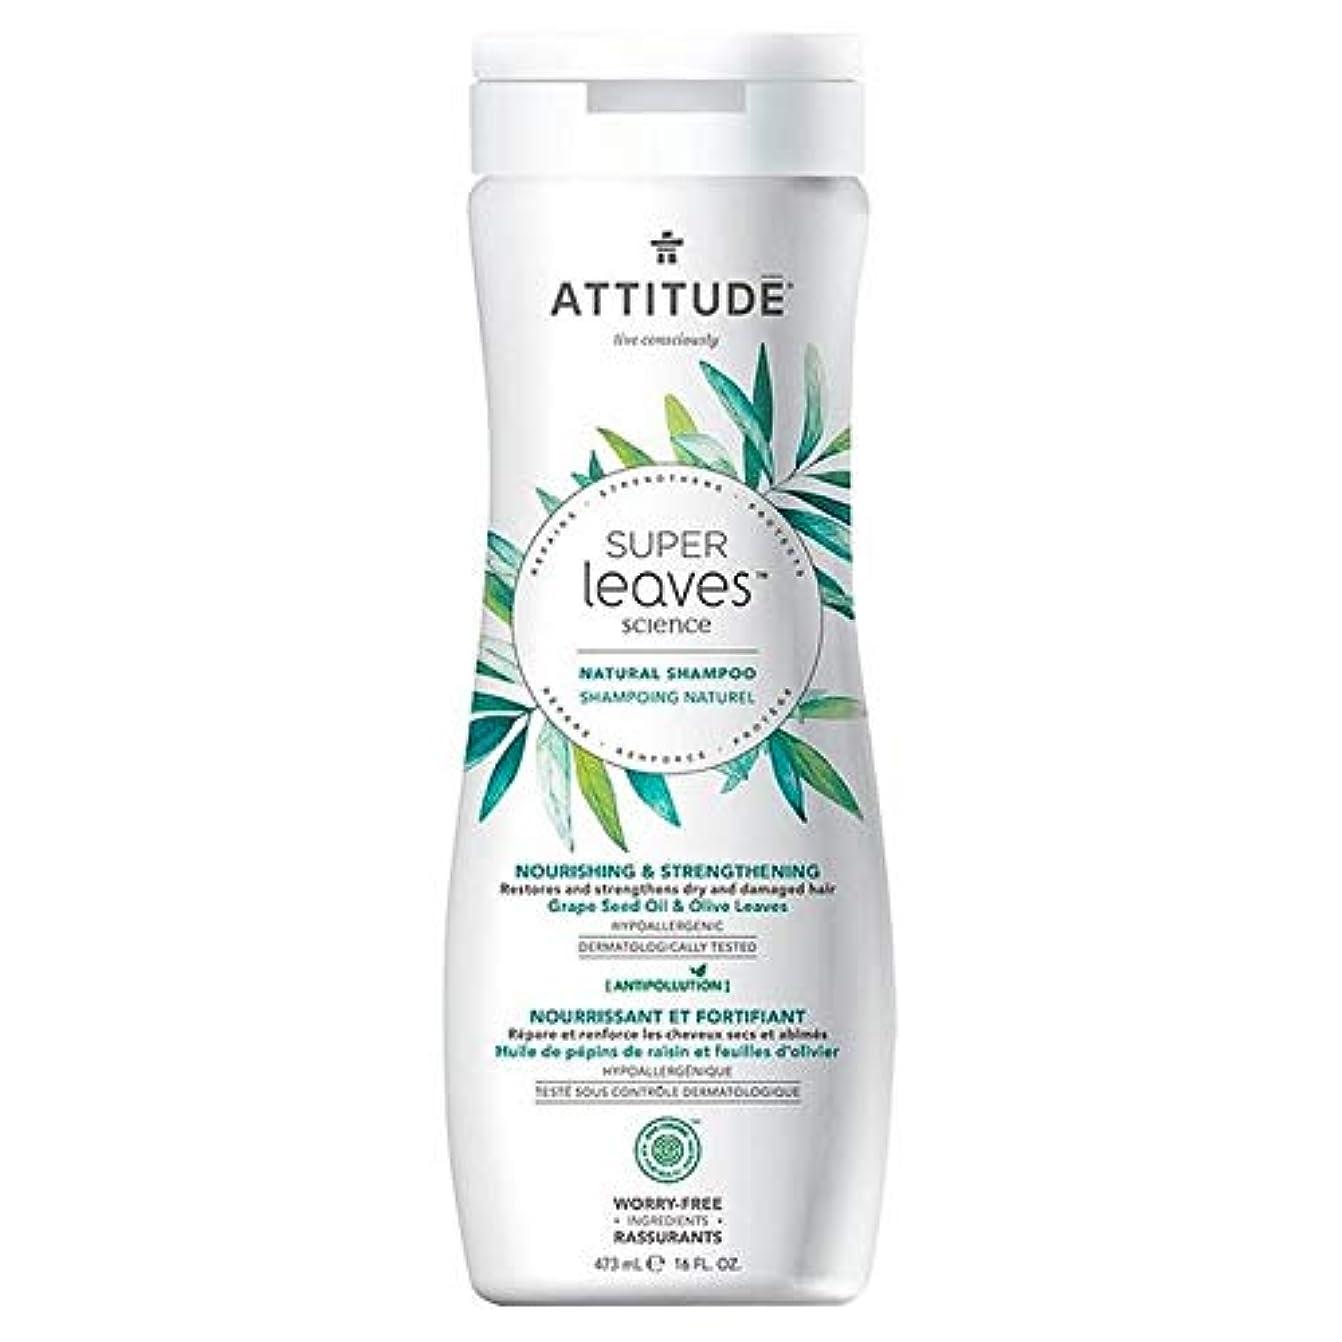 余暇の多くの危険がある状況[Attitude ] 姿勢スーパーはシャンプー栄養&強化473ミリリットルの葉 - Attitude Super Leaves Shampoo Nourishing & Strengthening 473ml [並行輸入品]